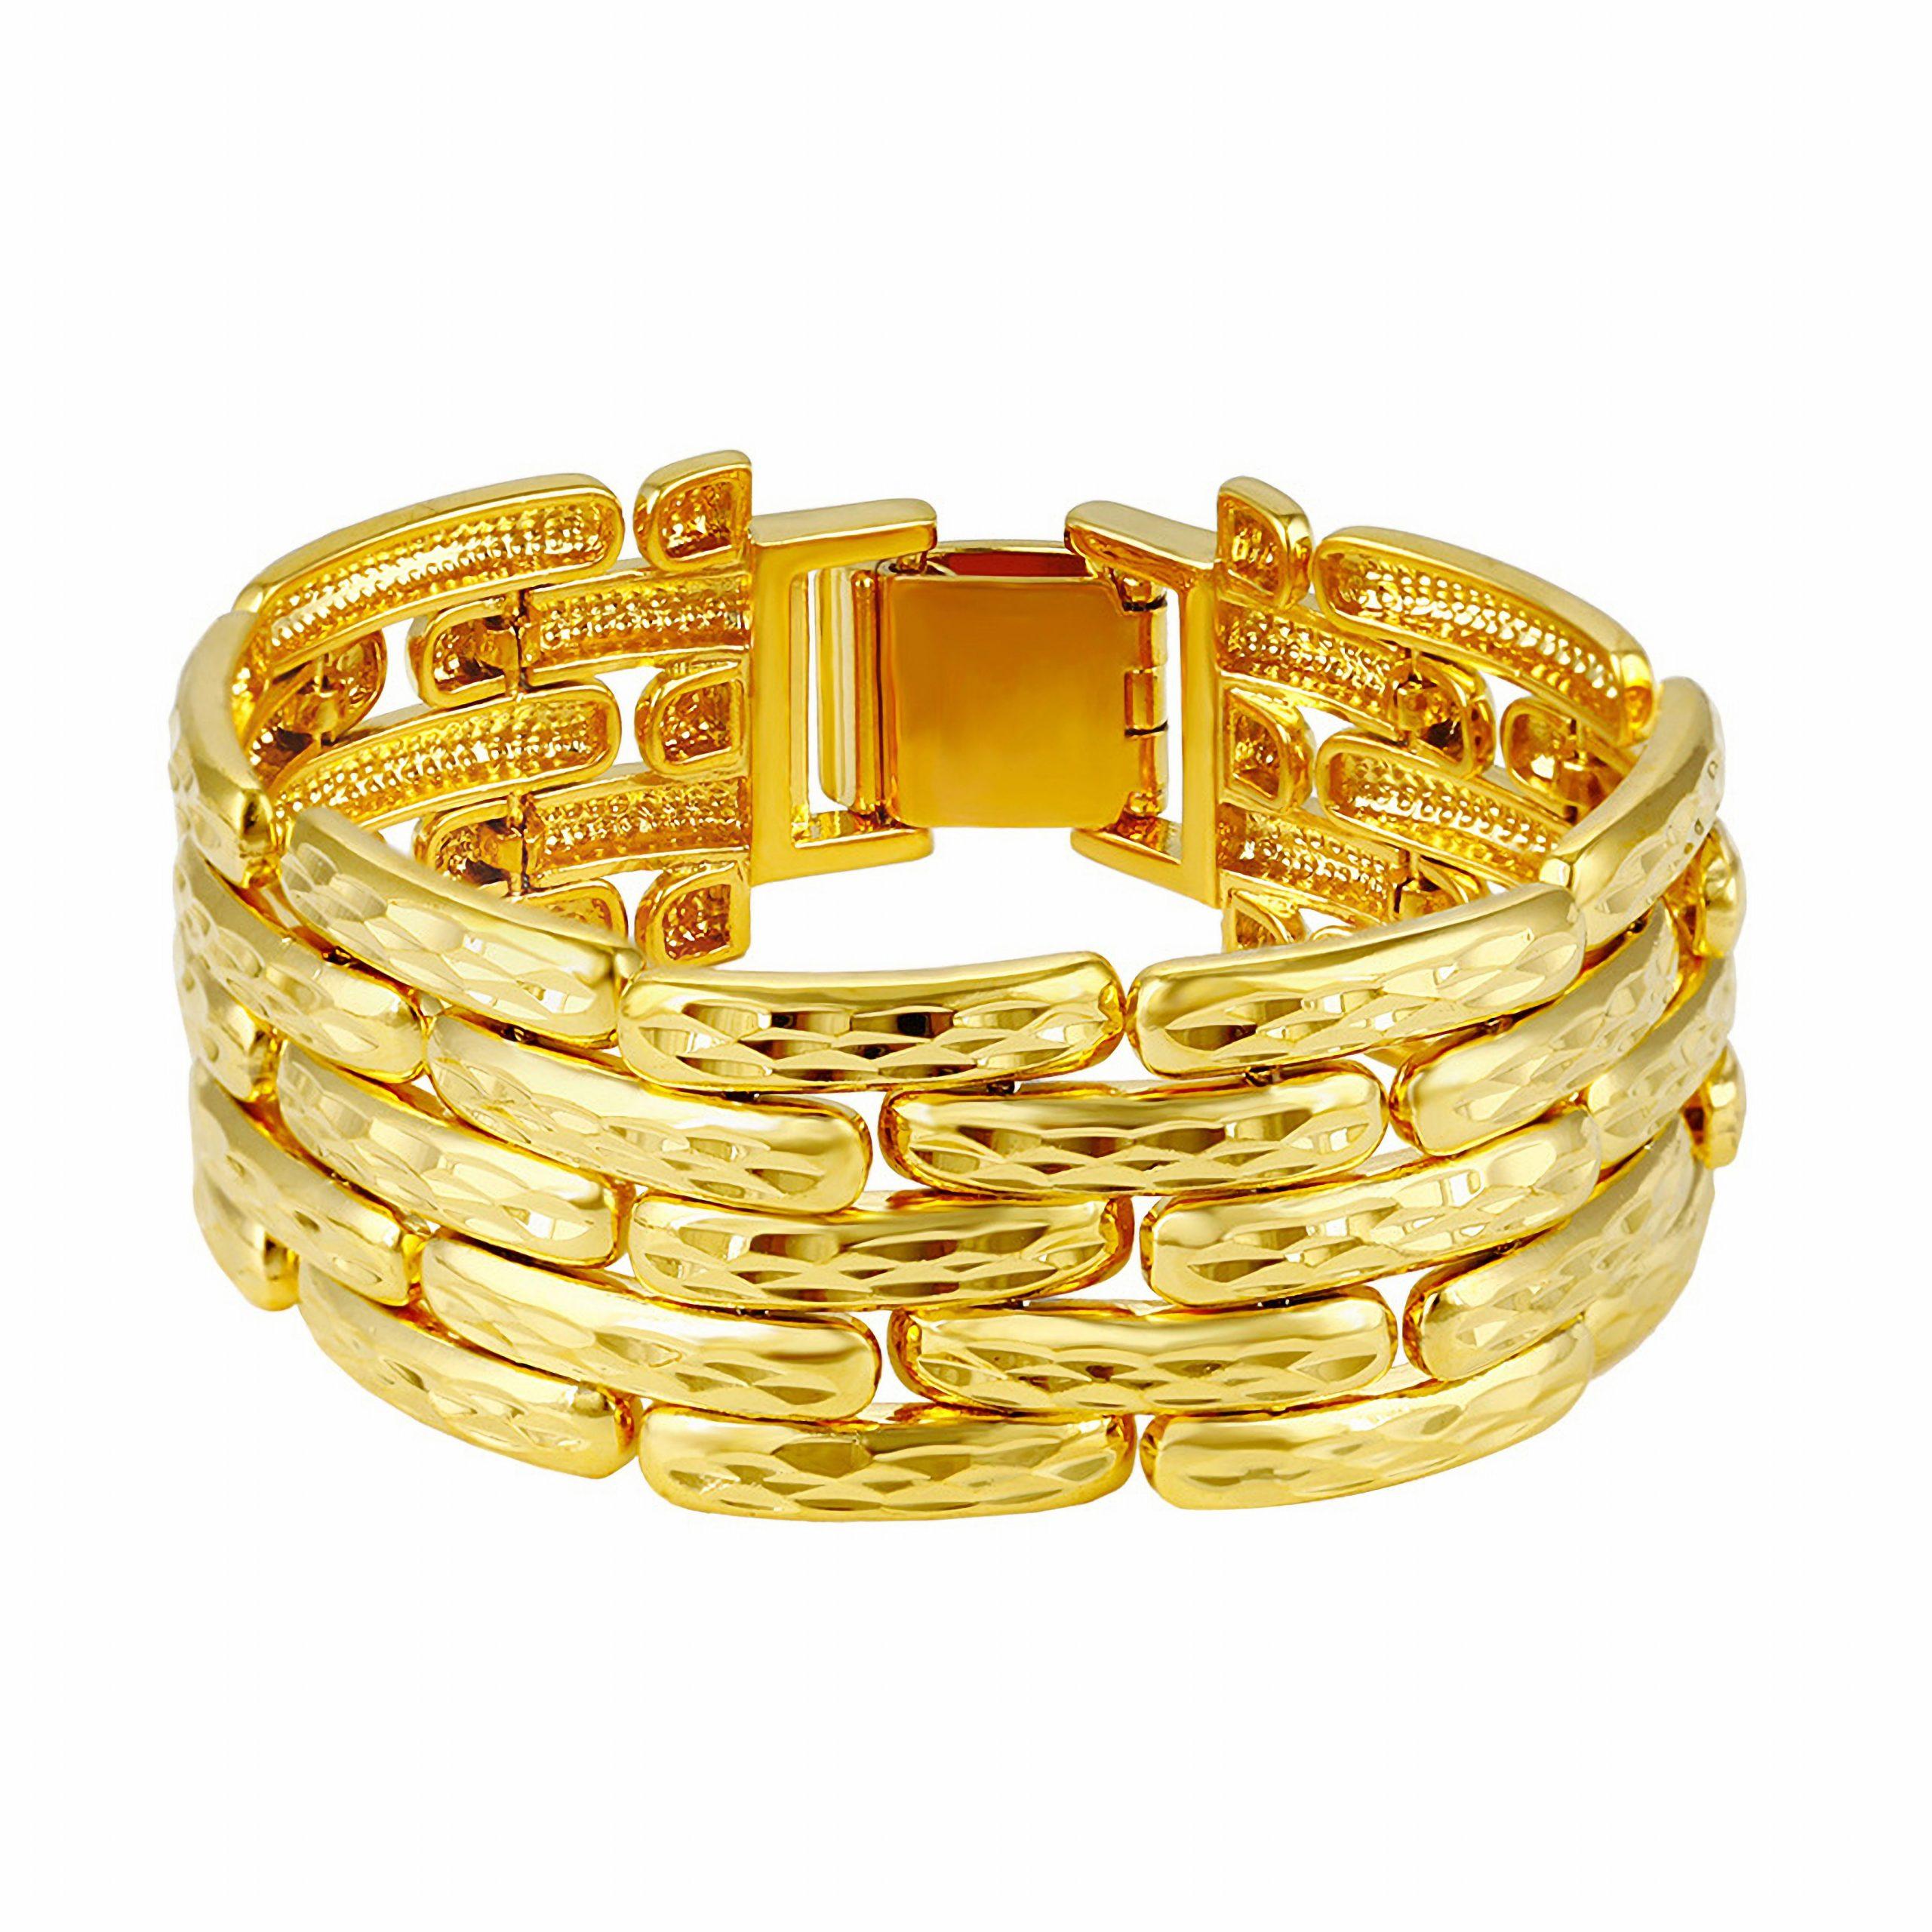 الذهب الصيني المتكون من النحاس